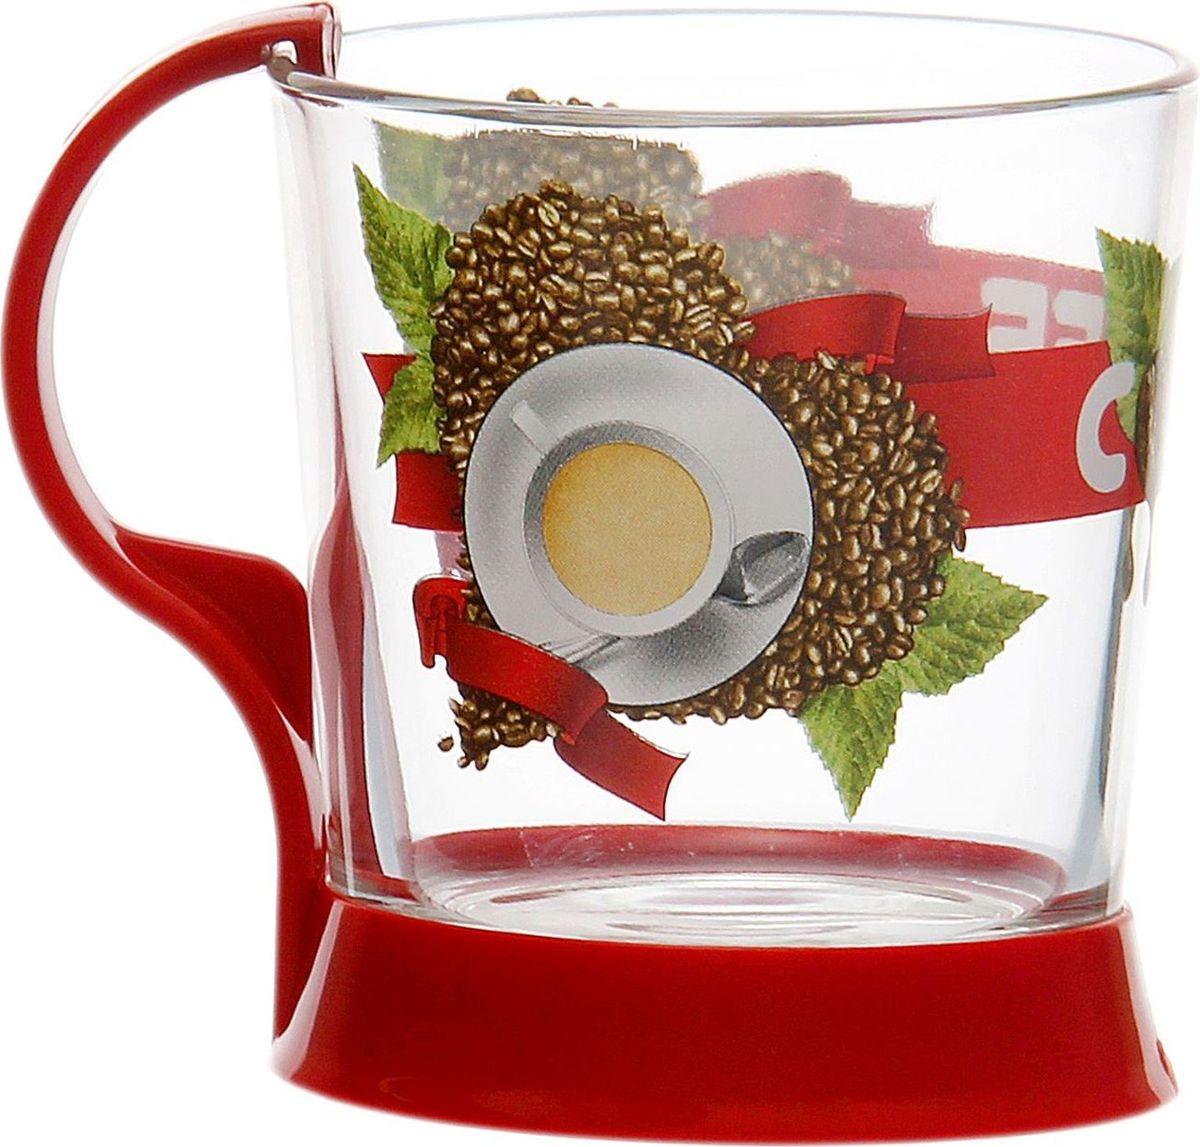 Кружка для чая Декостек Сoffee hear, 250 мл. 178133254 009312От качества посуды зависит не только вкус еды, но и здоровье человека. Кружка чайная — товар, соответствующий российским стандартам качества. Любой хозяйке будет приятно держать его в руках. С нашей посудой и кухонной утварью приготовление еды и сервировка стола превратятся в настоящий праздник.